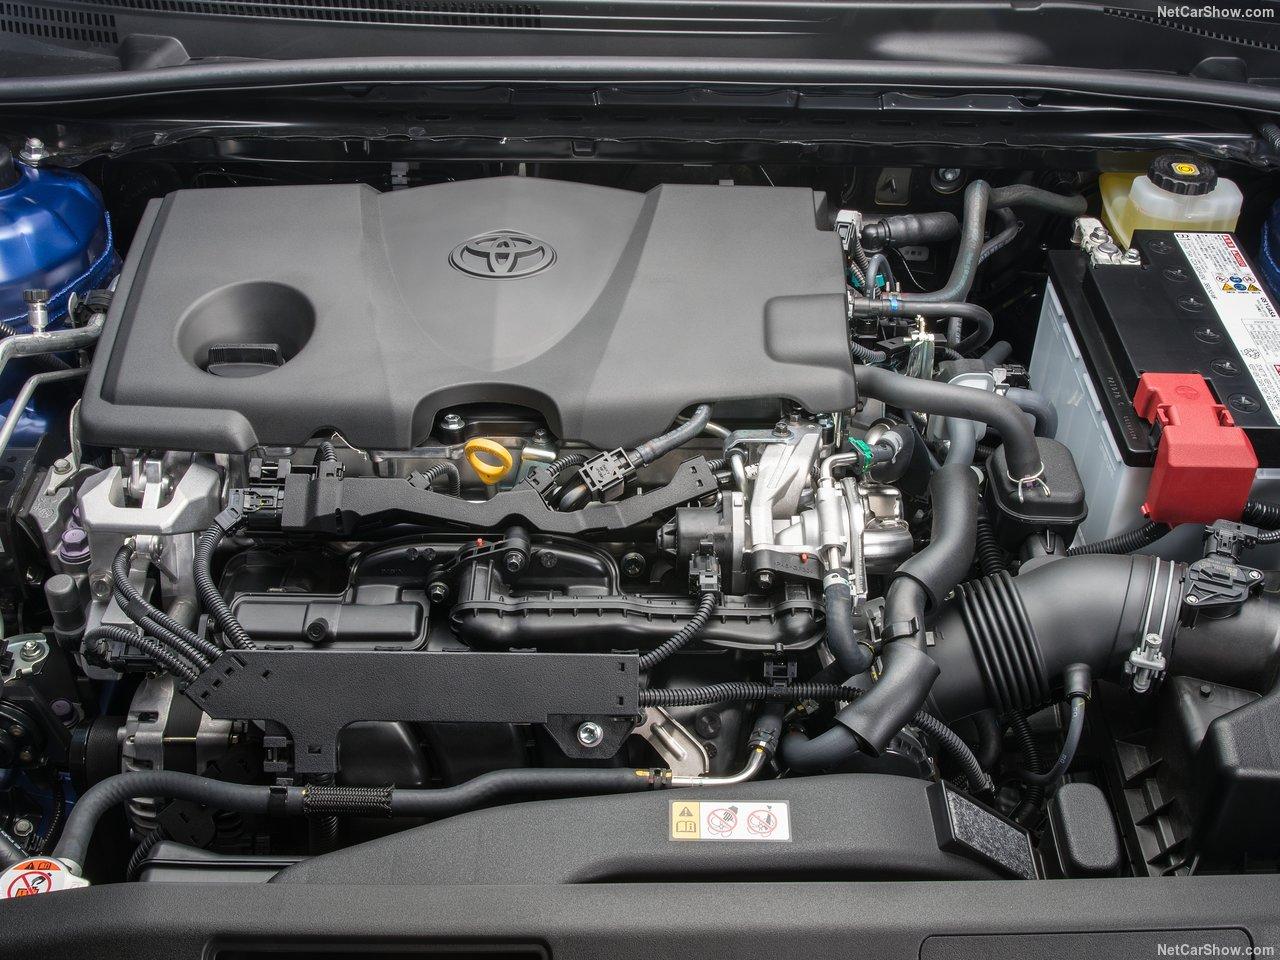 Тойота камри 2018 в новом кузове характеристики